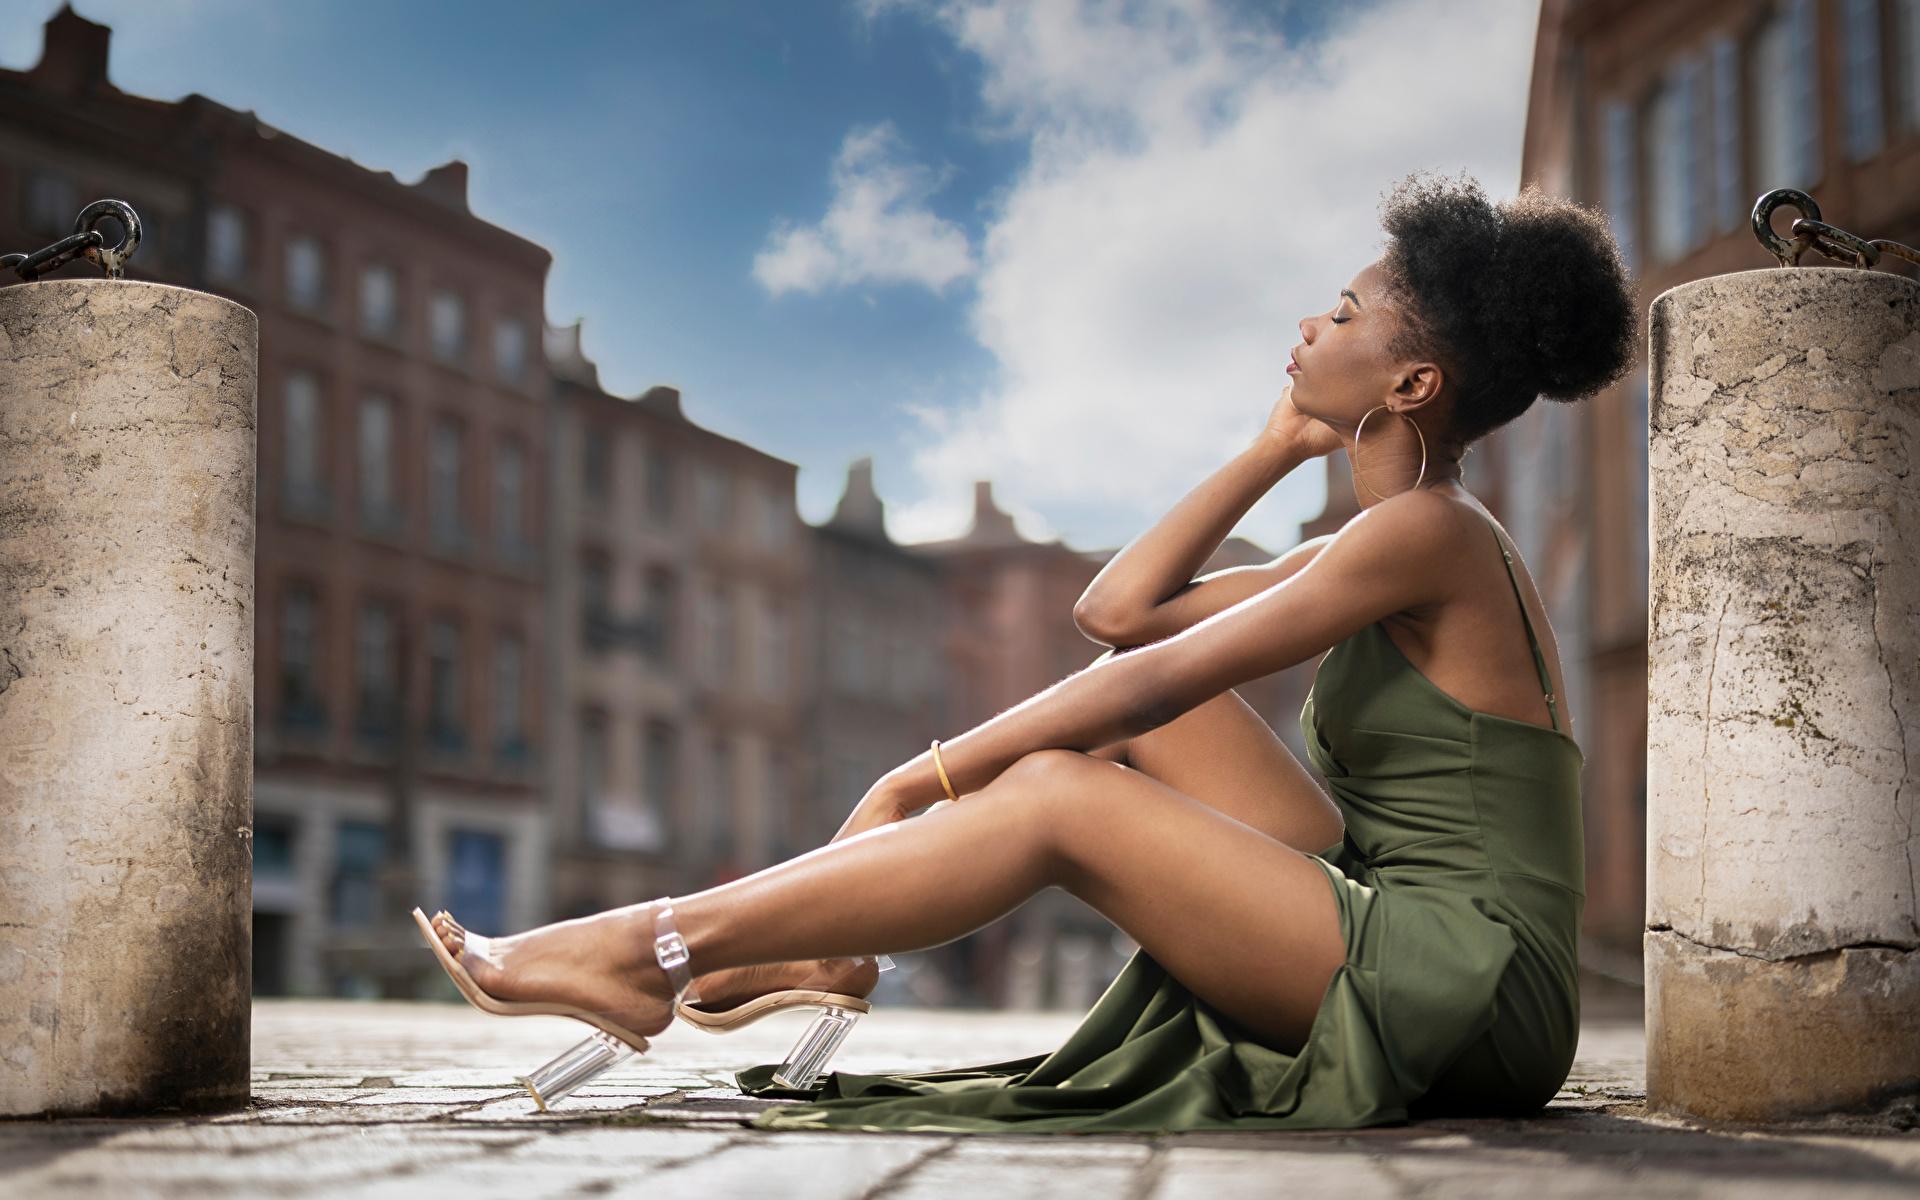 Fotos von Mary Neger junge Frauen Bein Sitzend Kleid 1920x1200 Mädchens junge frau sitzt sitzen